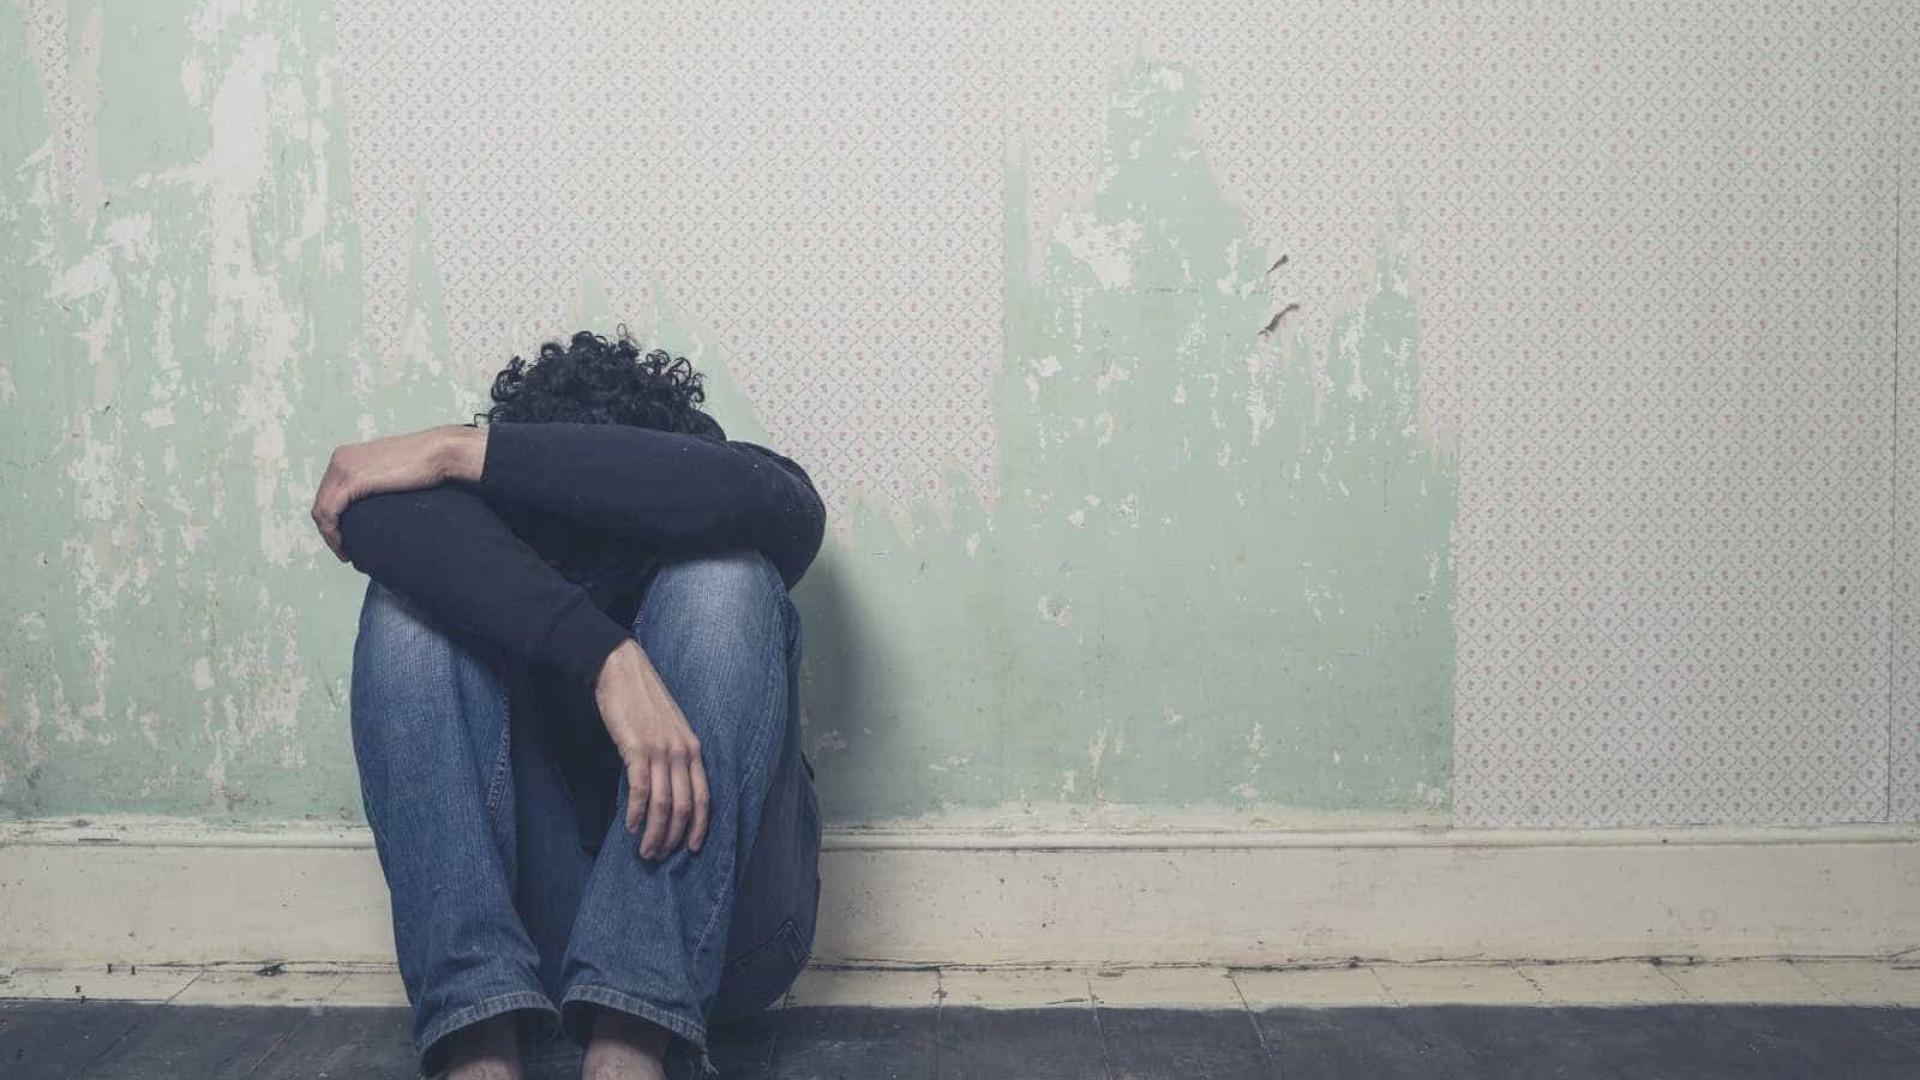 Brasil tem índices alarmantes de depressão e ansiedade, diz OMS